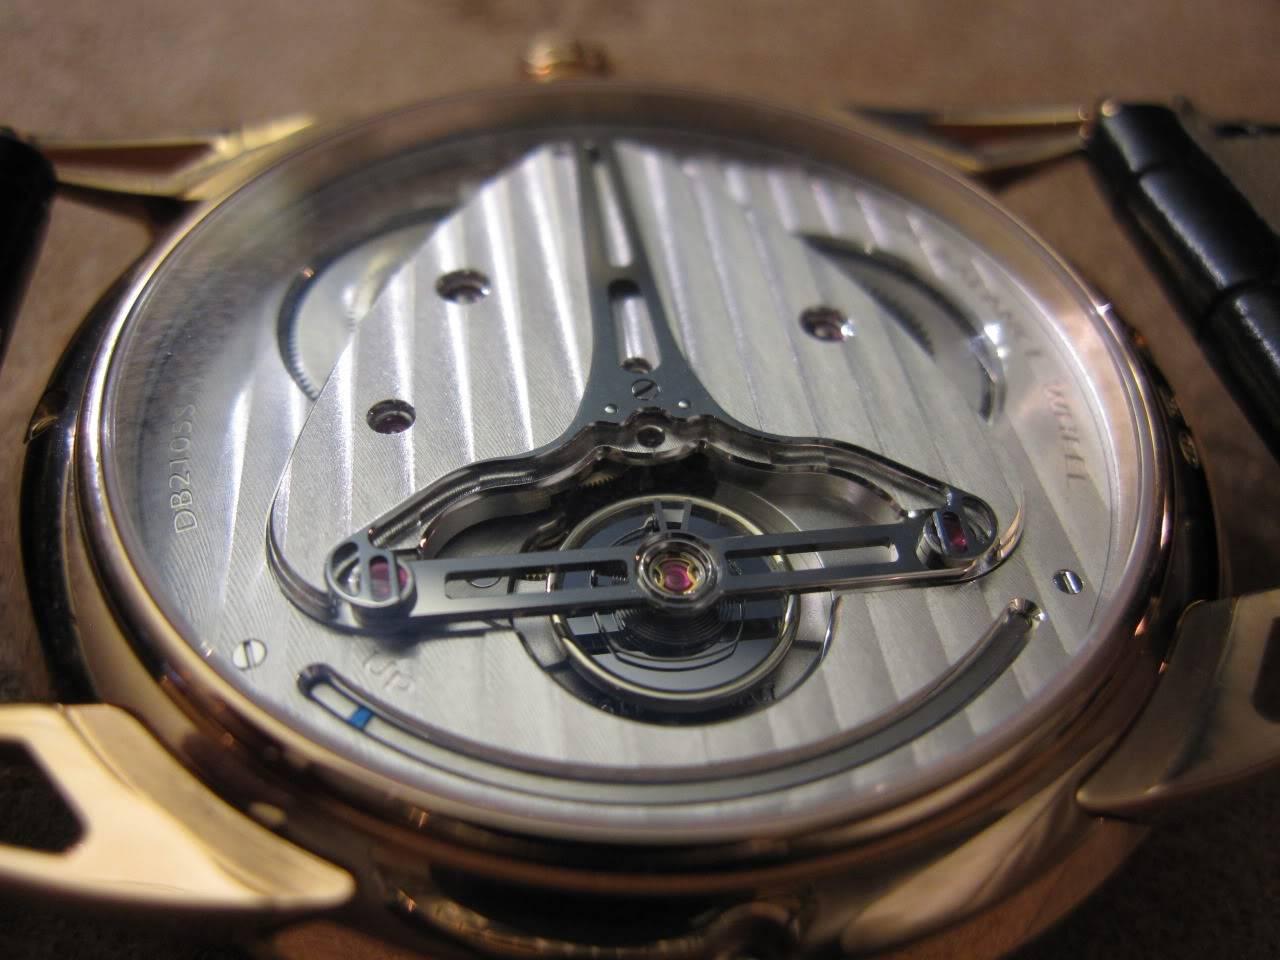 Où l'horlogerie devient art... (De Bethune inside) - Page 2 DB_SIHH2010_014